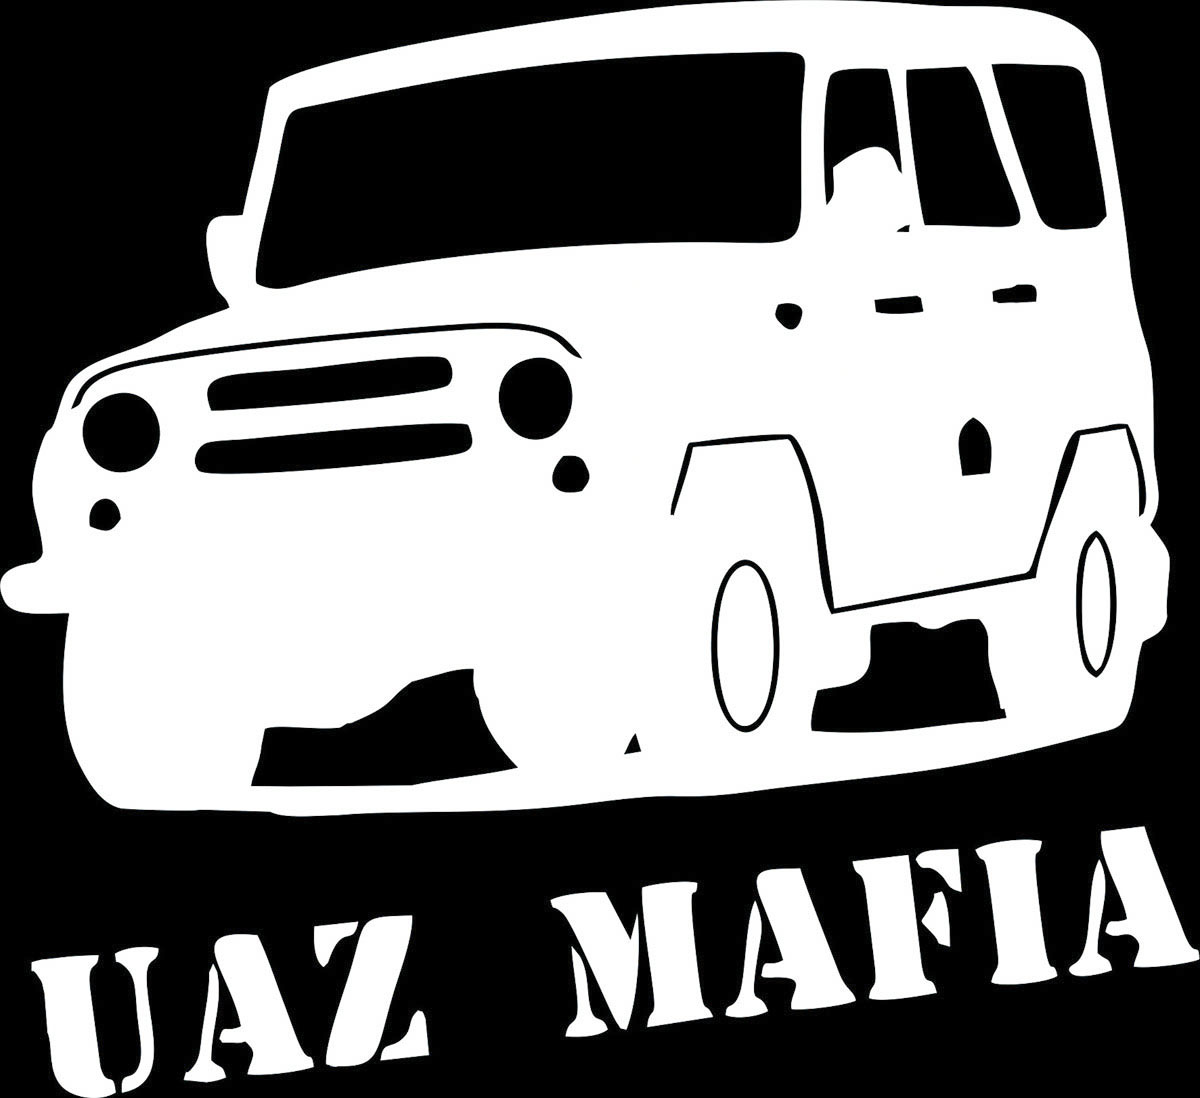 Наклейка автомобильная Оранжевый слоник UAZ Mafia 2, виниловая, цвет: белыйВетерок 2ГФОригинальная наклейка Оранжевый слоник UAZ Mafia 2 изготовлена из высококачественной виниловой пленки, которая выполняет не только декоративную функцию, но и защищает кузов автомобиля от небольших механических повреждений, либо скрывает уже существующие.Виниловые наклейки на автомобиль - это не только красиво, но еще и быстро! Всего за несколько минут вы можете полностью преобразить свой автомобиль, сделать его ярким, необычным, особенным и неповторимым!